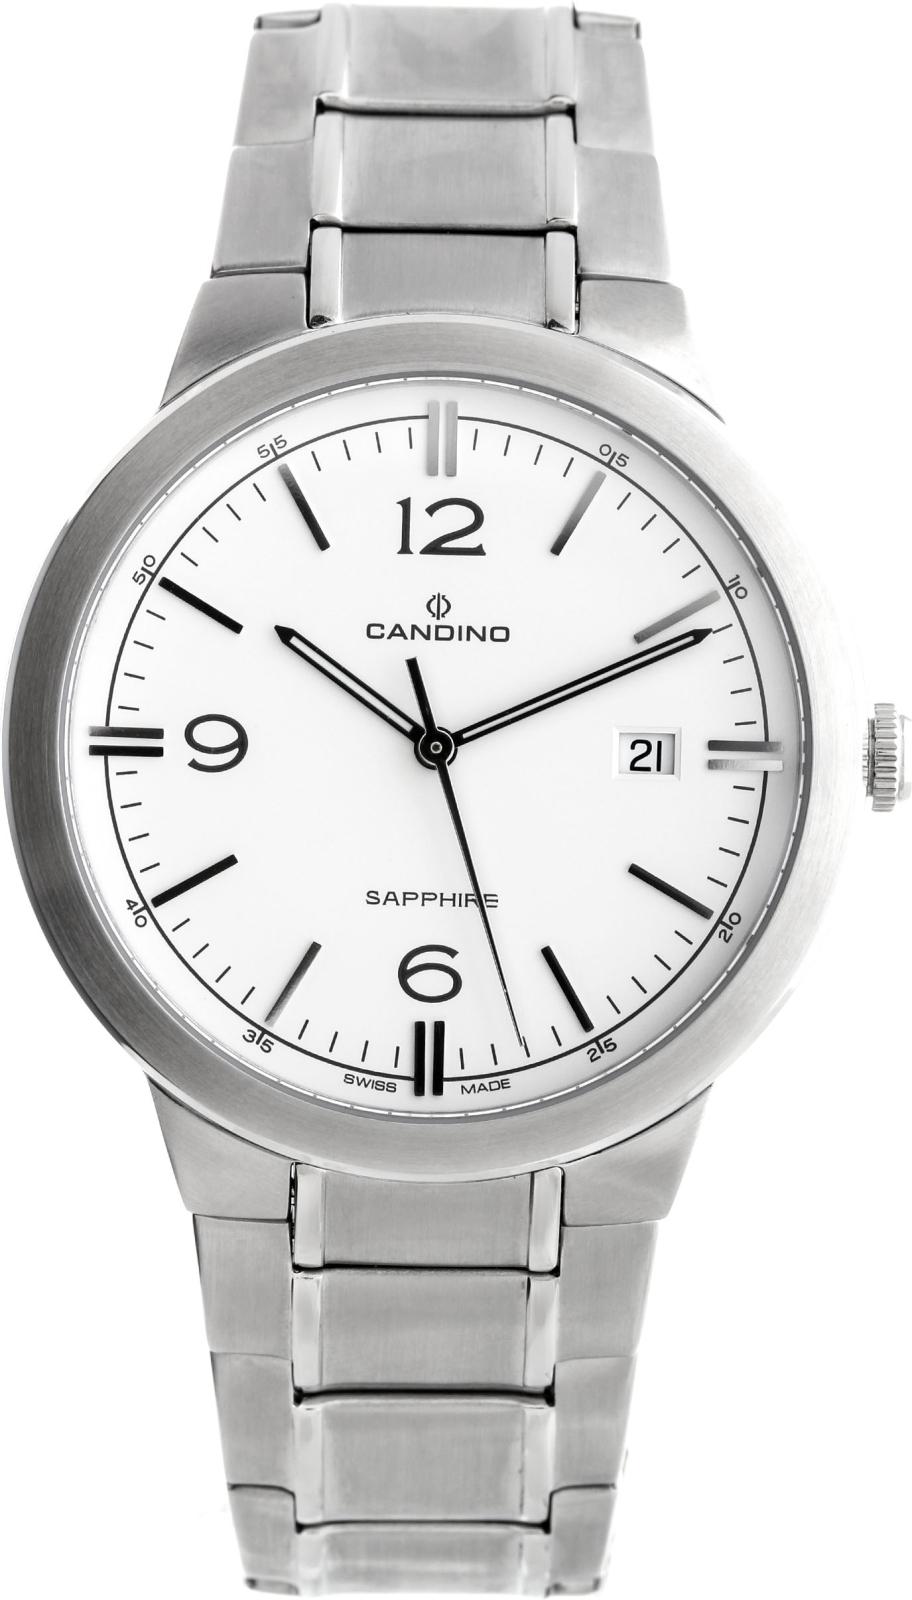 Candino Elegance C4510/1Наручные часы<br>Швейцарские часы Candino Elegance C4510/1<br><br>Для кого?: Мужские<br>Страна-производитель: Швейцария<br>Механизм: Кварцевый<br>Материал корпуса: Сталь<br>Материал ремня/браслета: Сталь<br>Водозащита, диапазон: 20 - 100 м<br>Стекло: Сапфировое<br>Толщина корпуса: None<br>Стиль: Классика